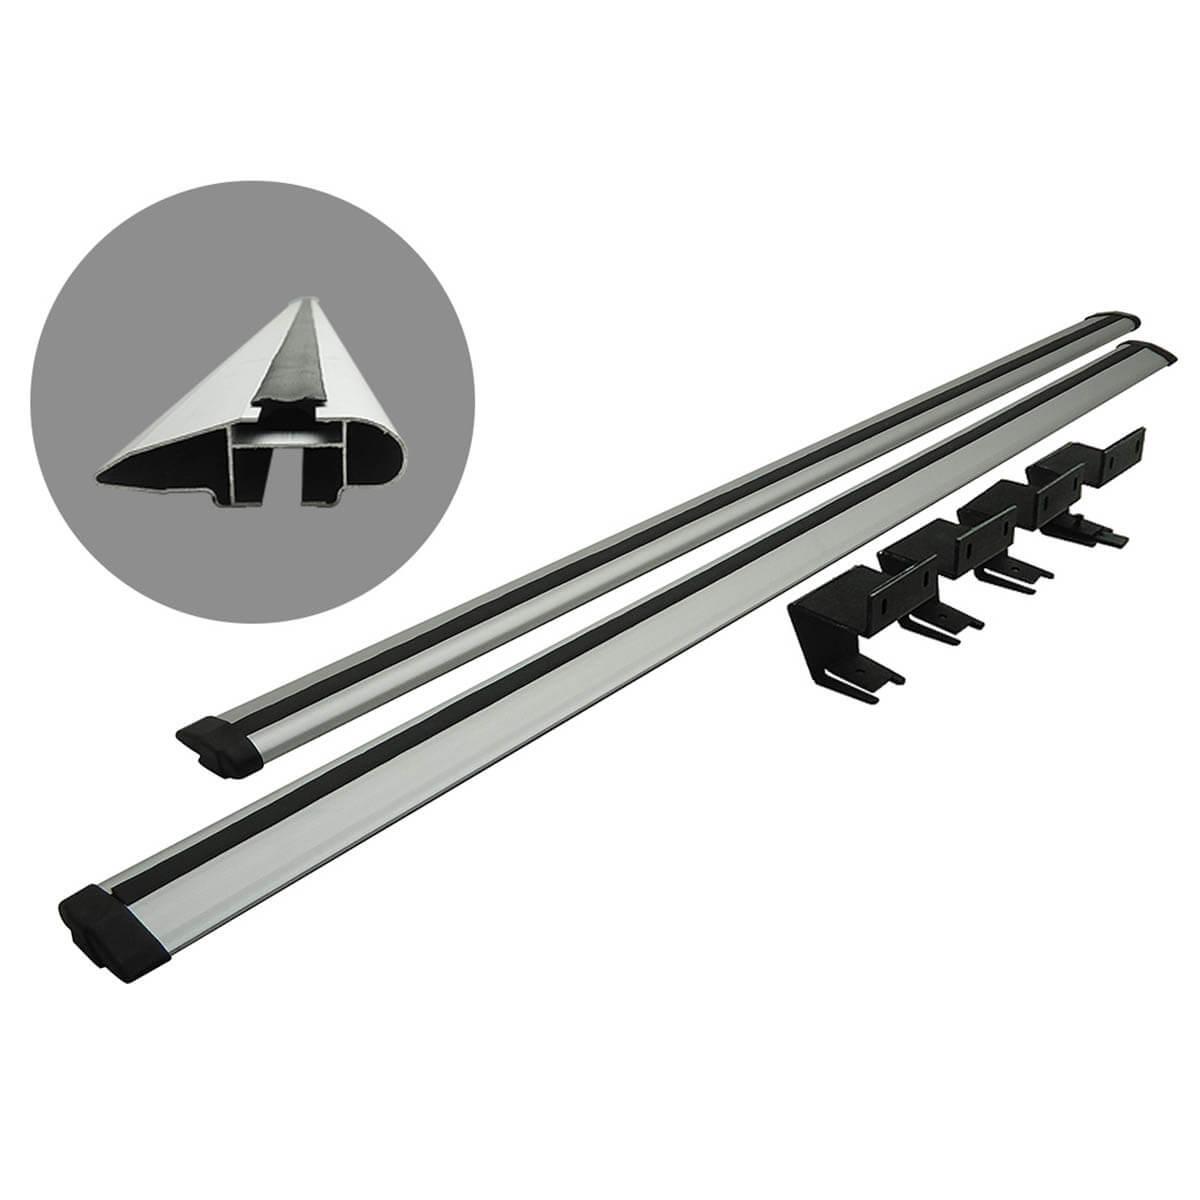 Rack de caçamba em alumínio L200 Sport 2004 a 2007 ou L200 Outdoor 2007 a 2012